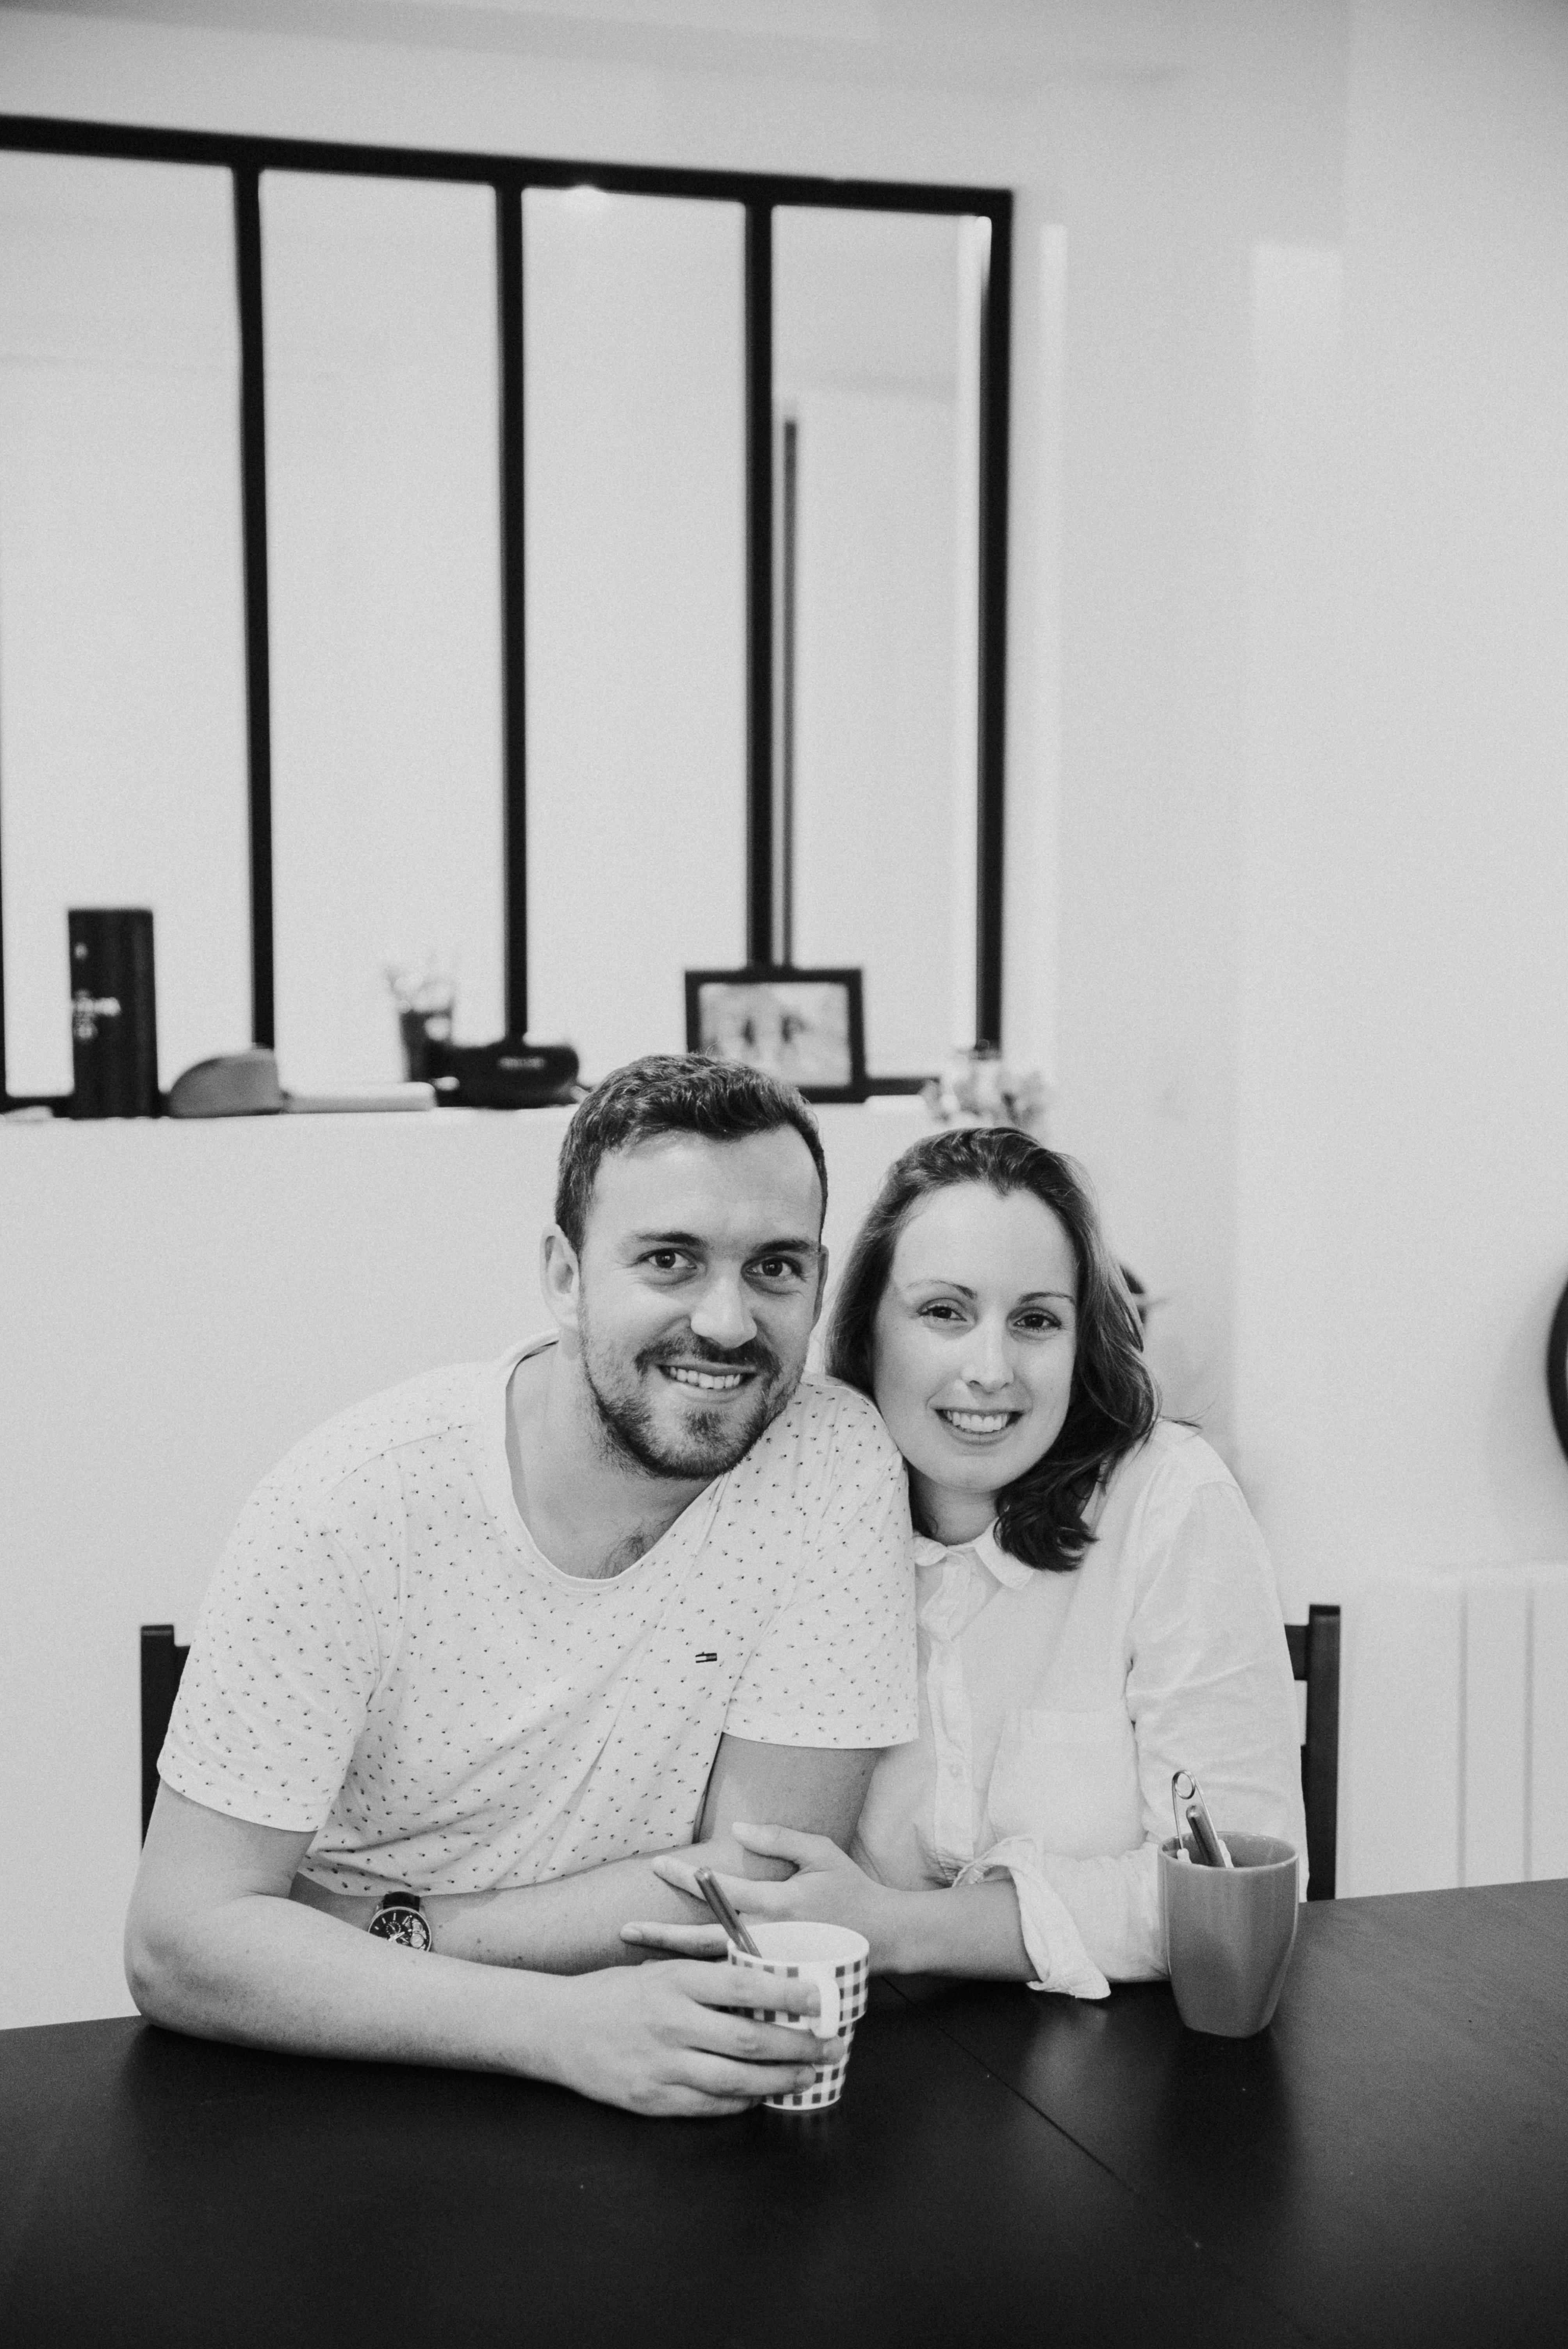 Kevin et Laura : nous étions en totale confiance avec notre notaire